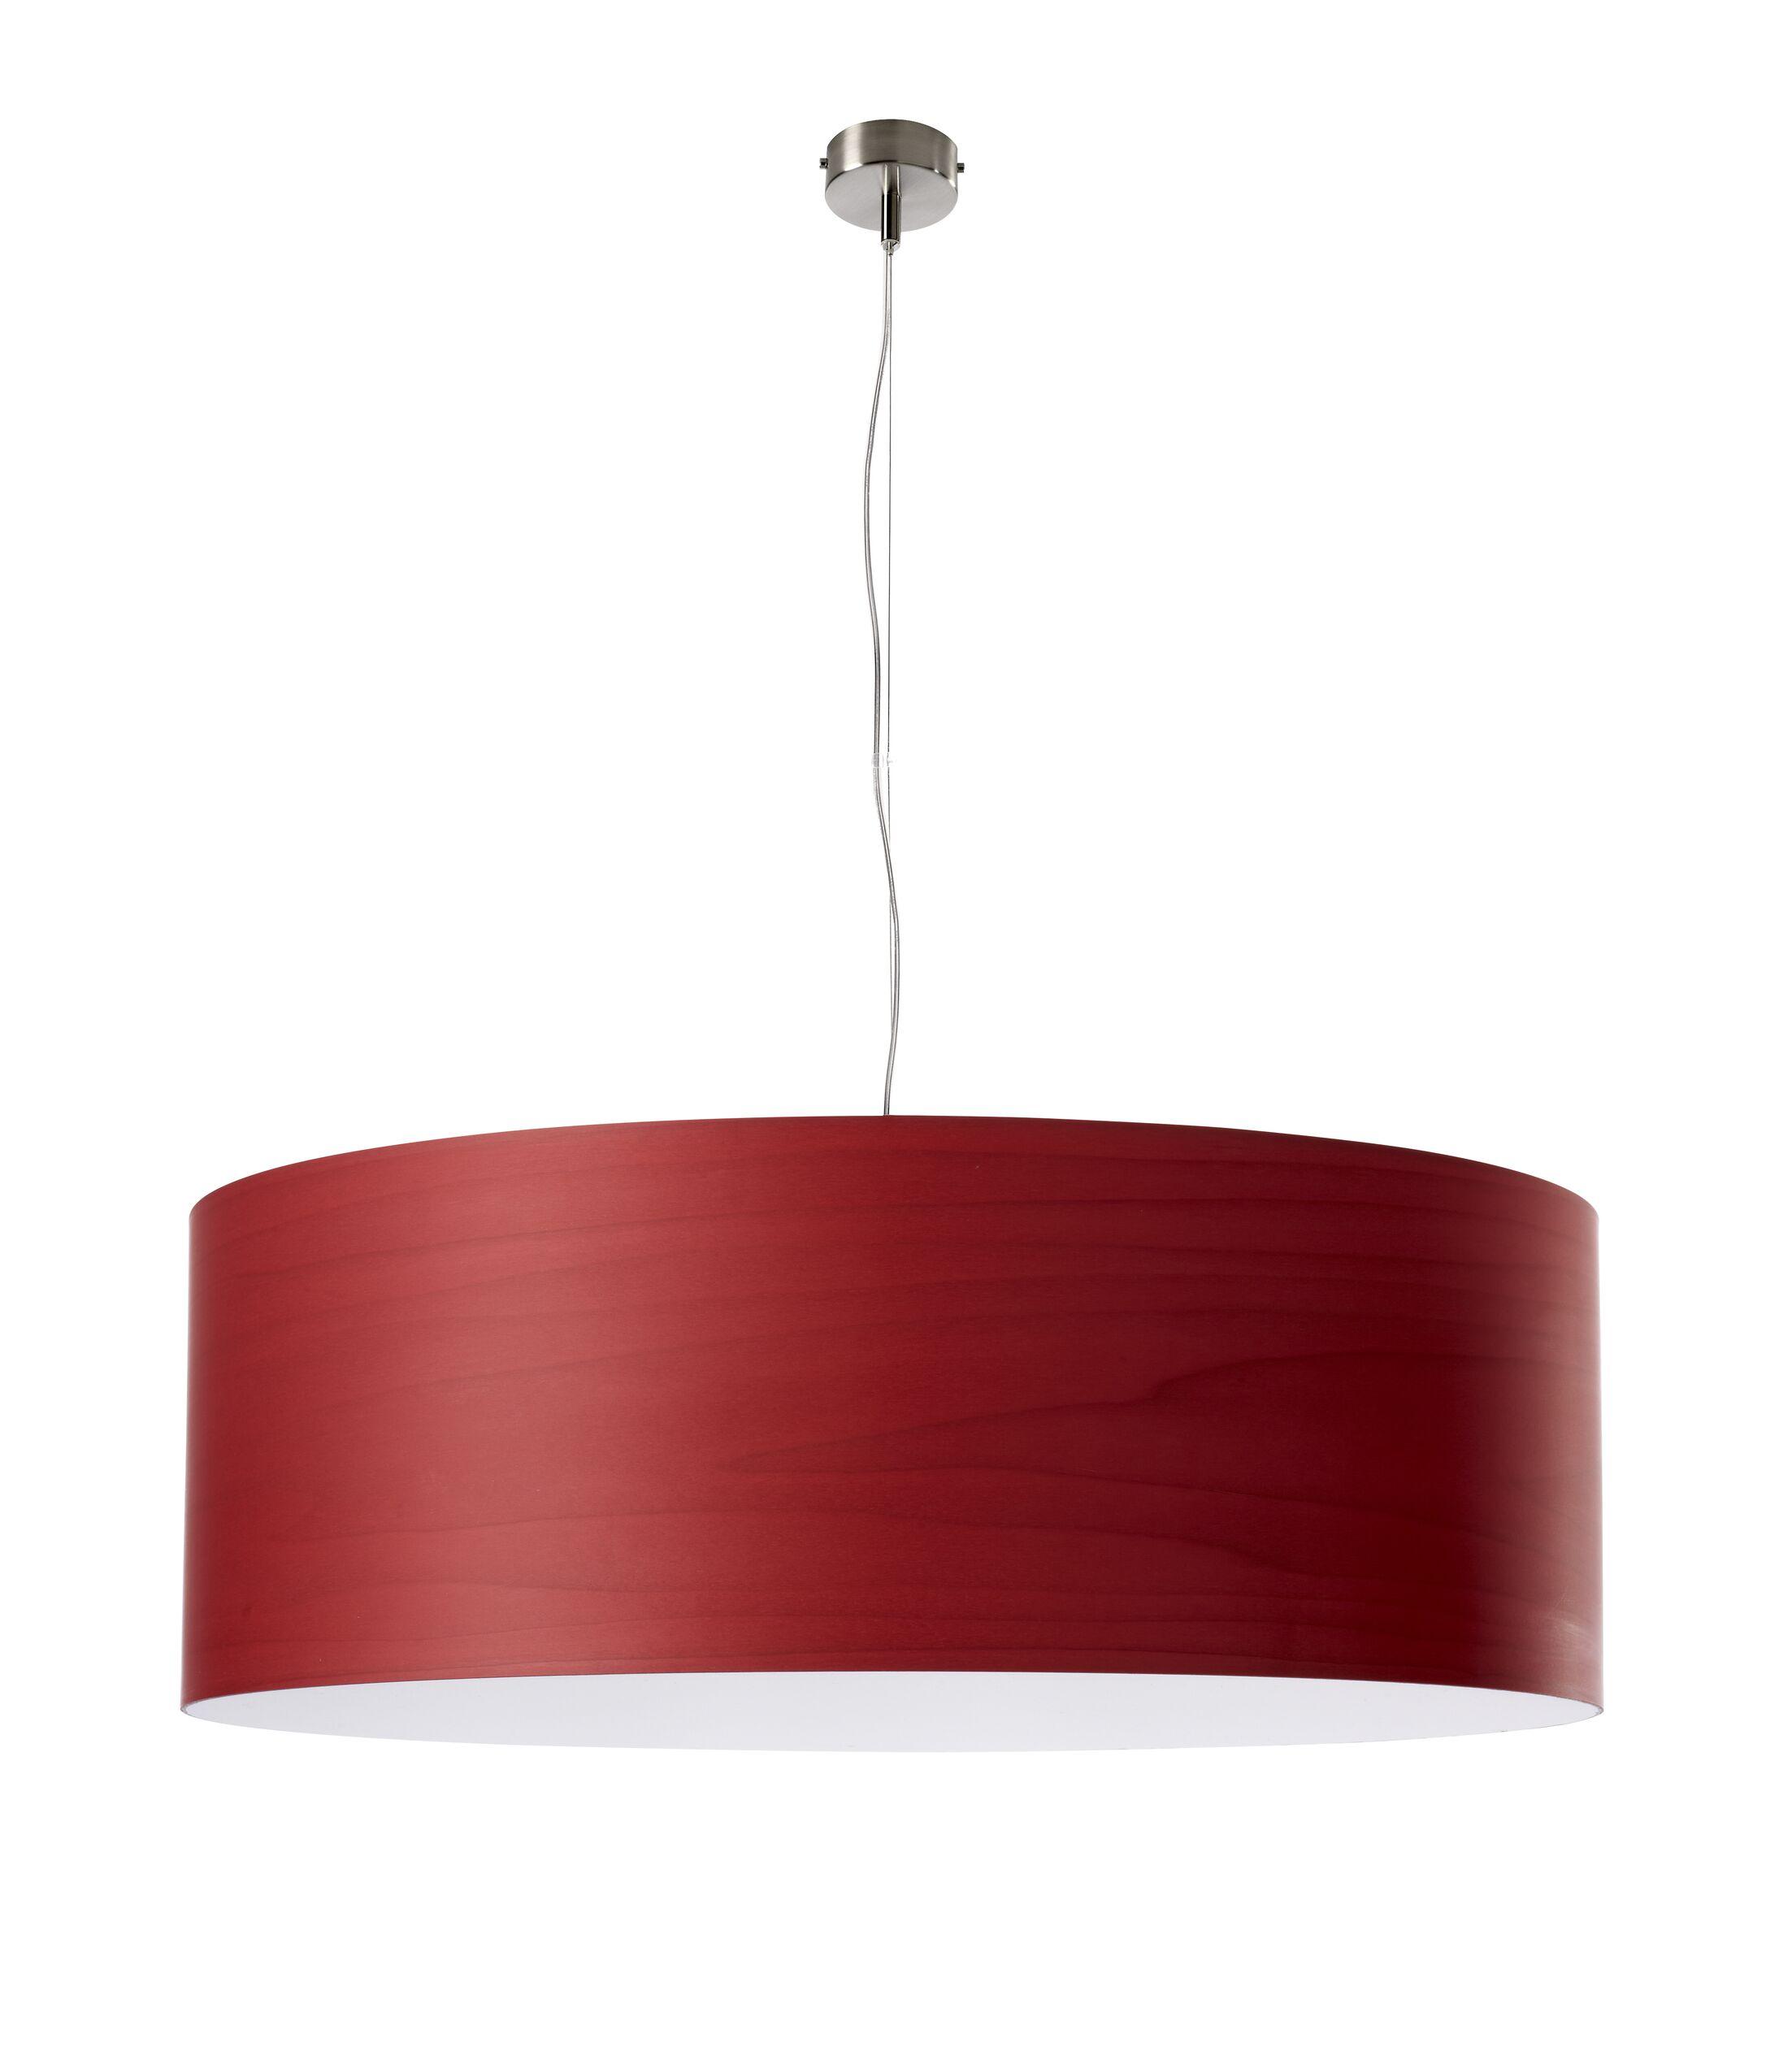 Gea 1-Light Pendant Finish: Red, Bulb Type: E26 Base, Size: 7.8